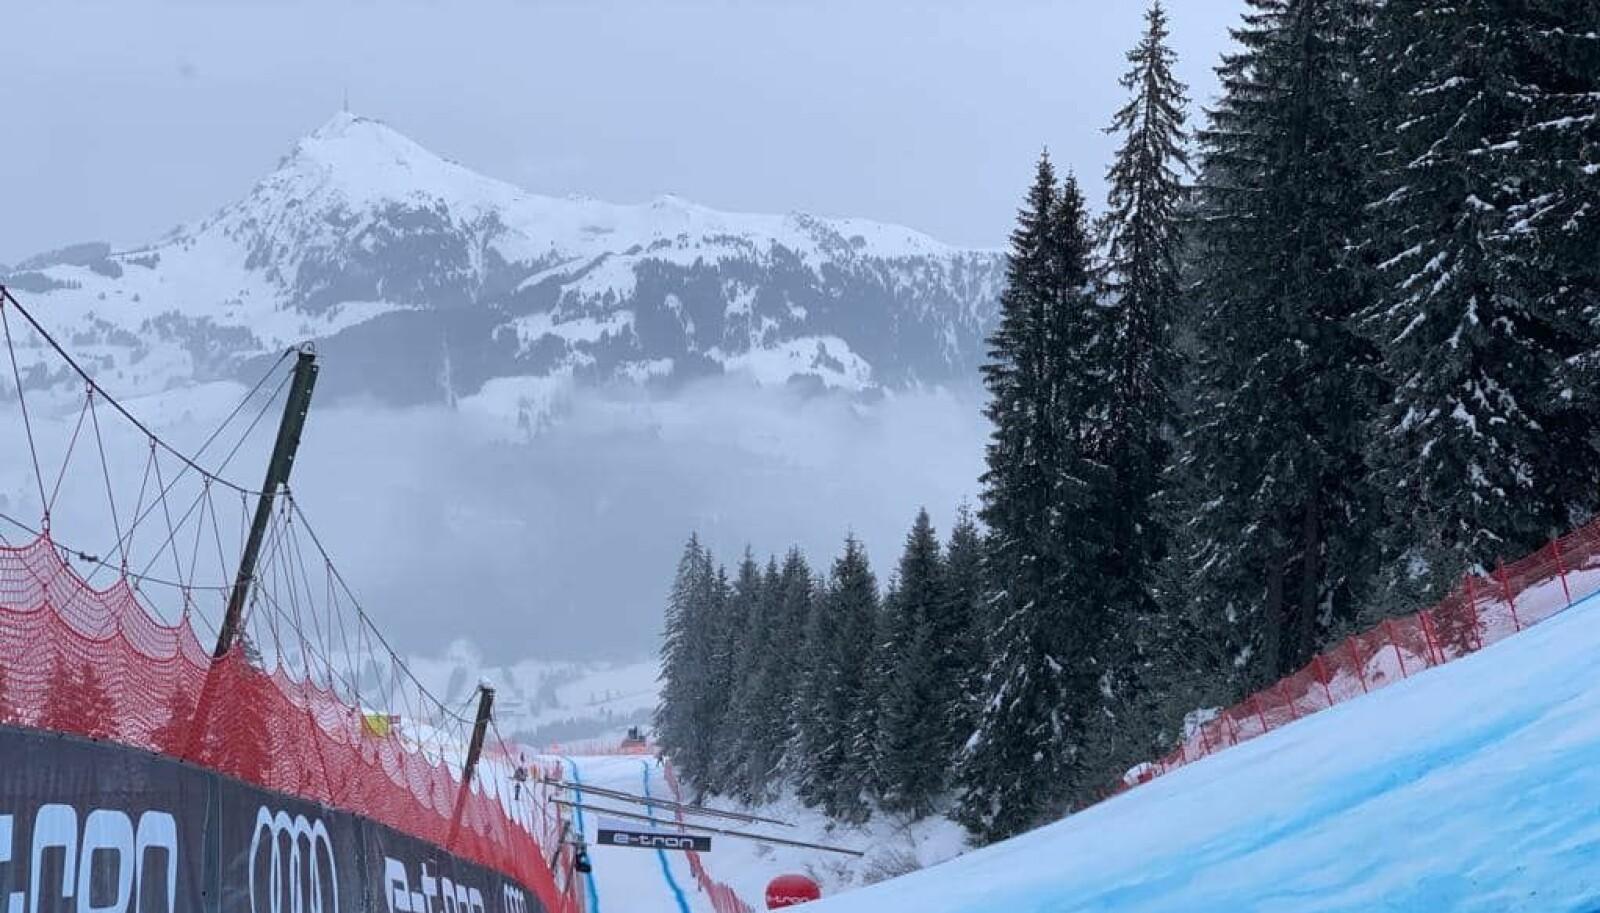 <b>DIE STREIF:</b> Utfor er skisportens Formel 1. Bildet er fra Kitzbühel.